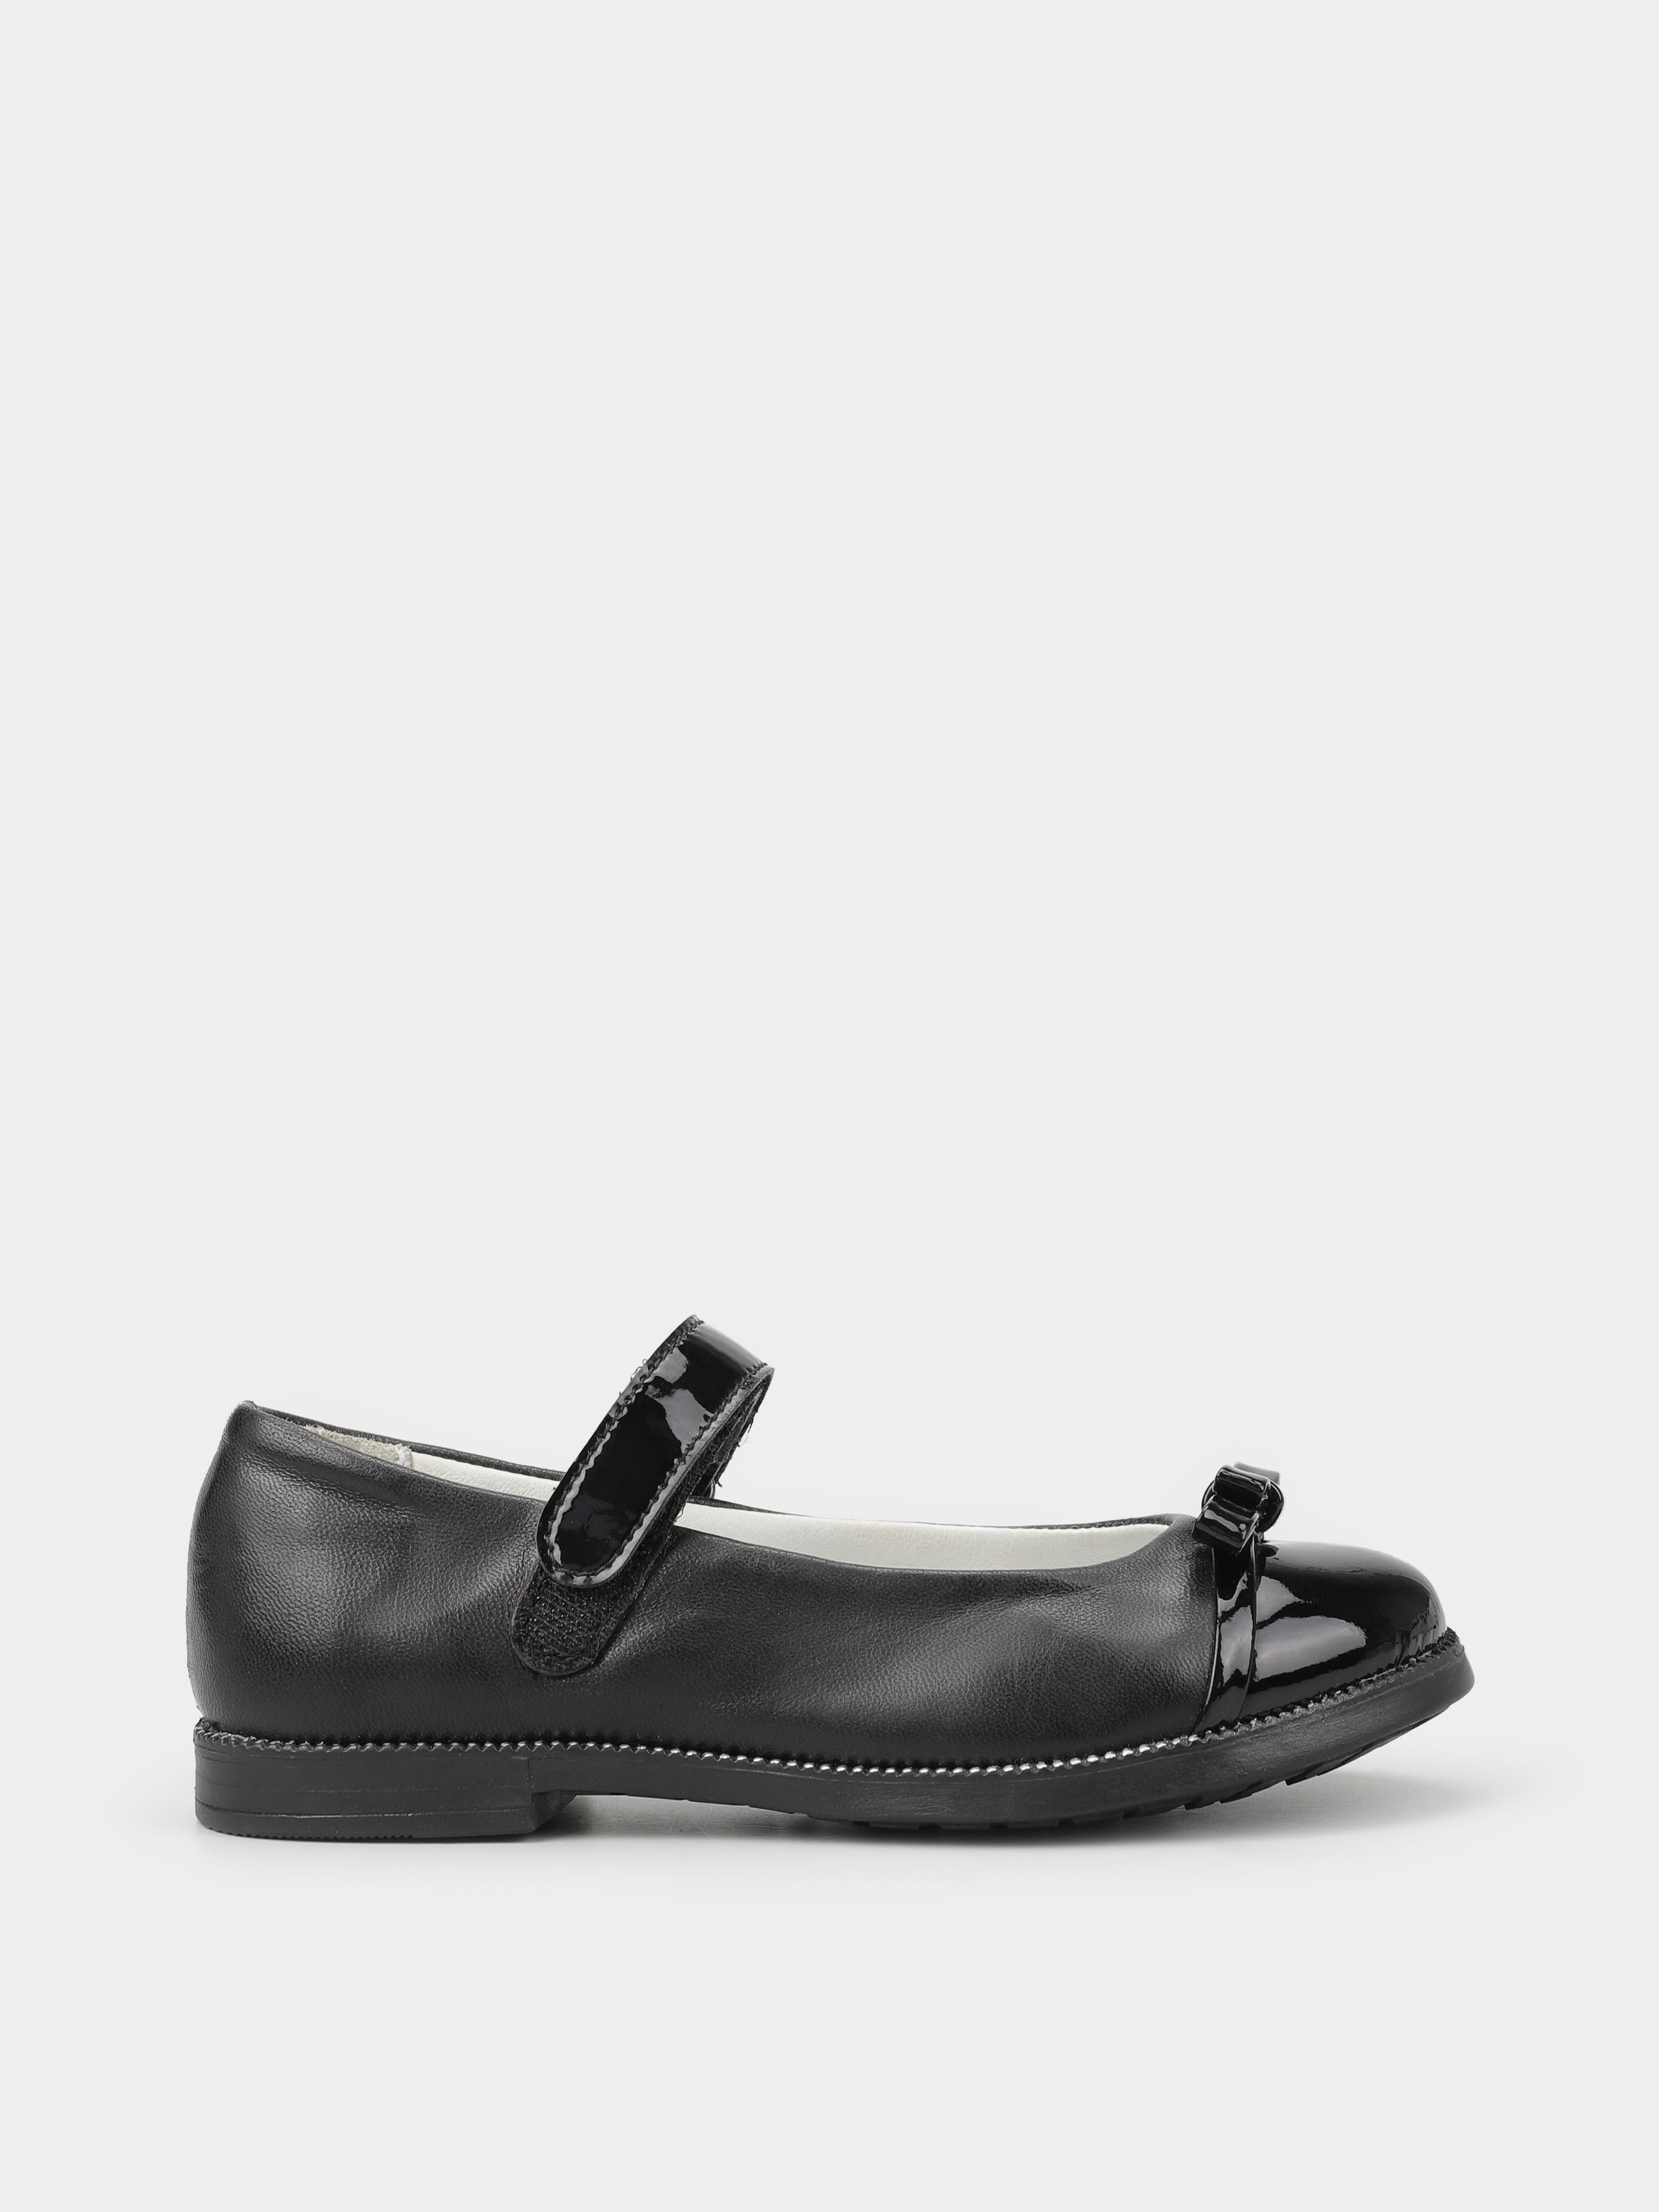 Купить Балетки детские Braska Кайрос AE177, Черный